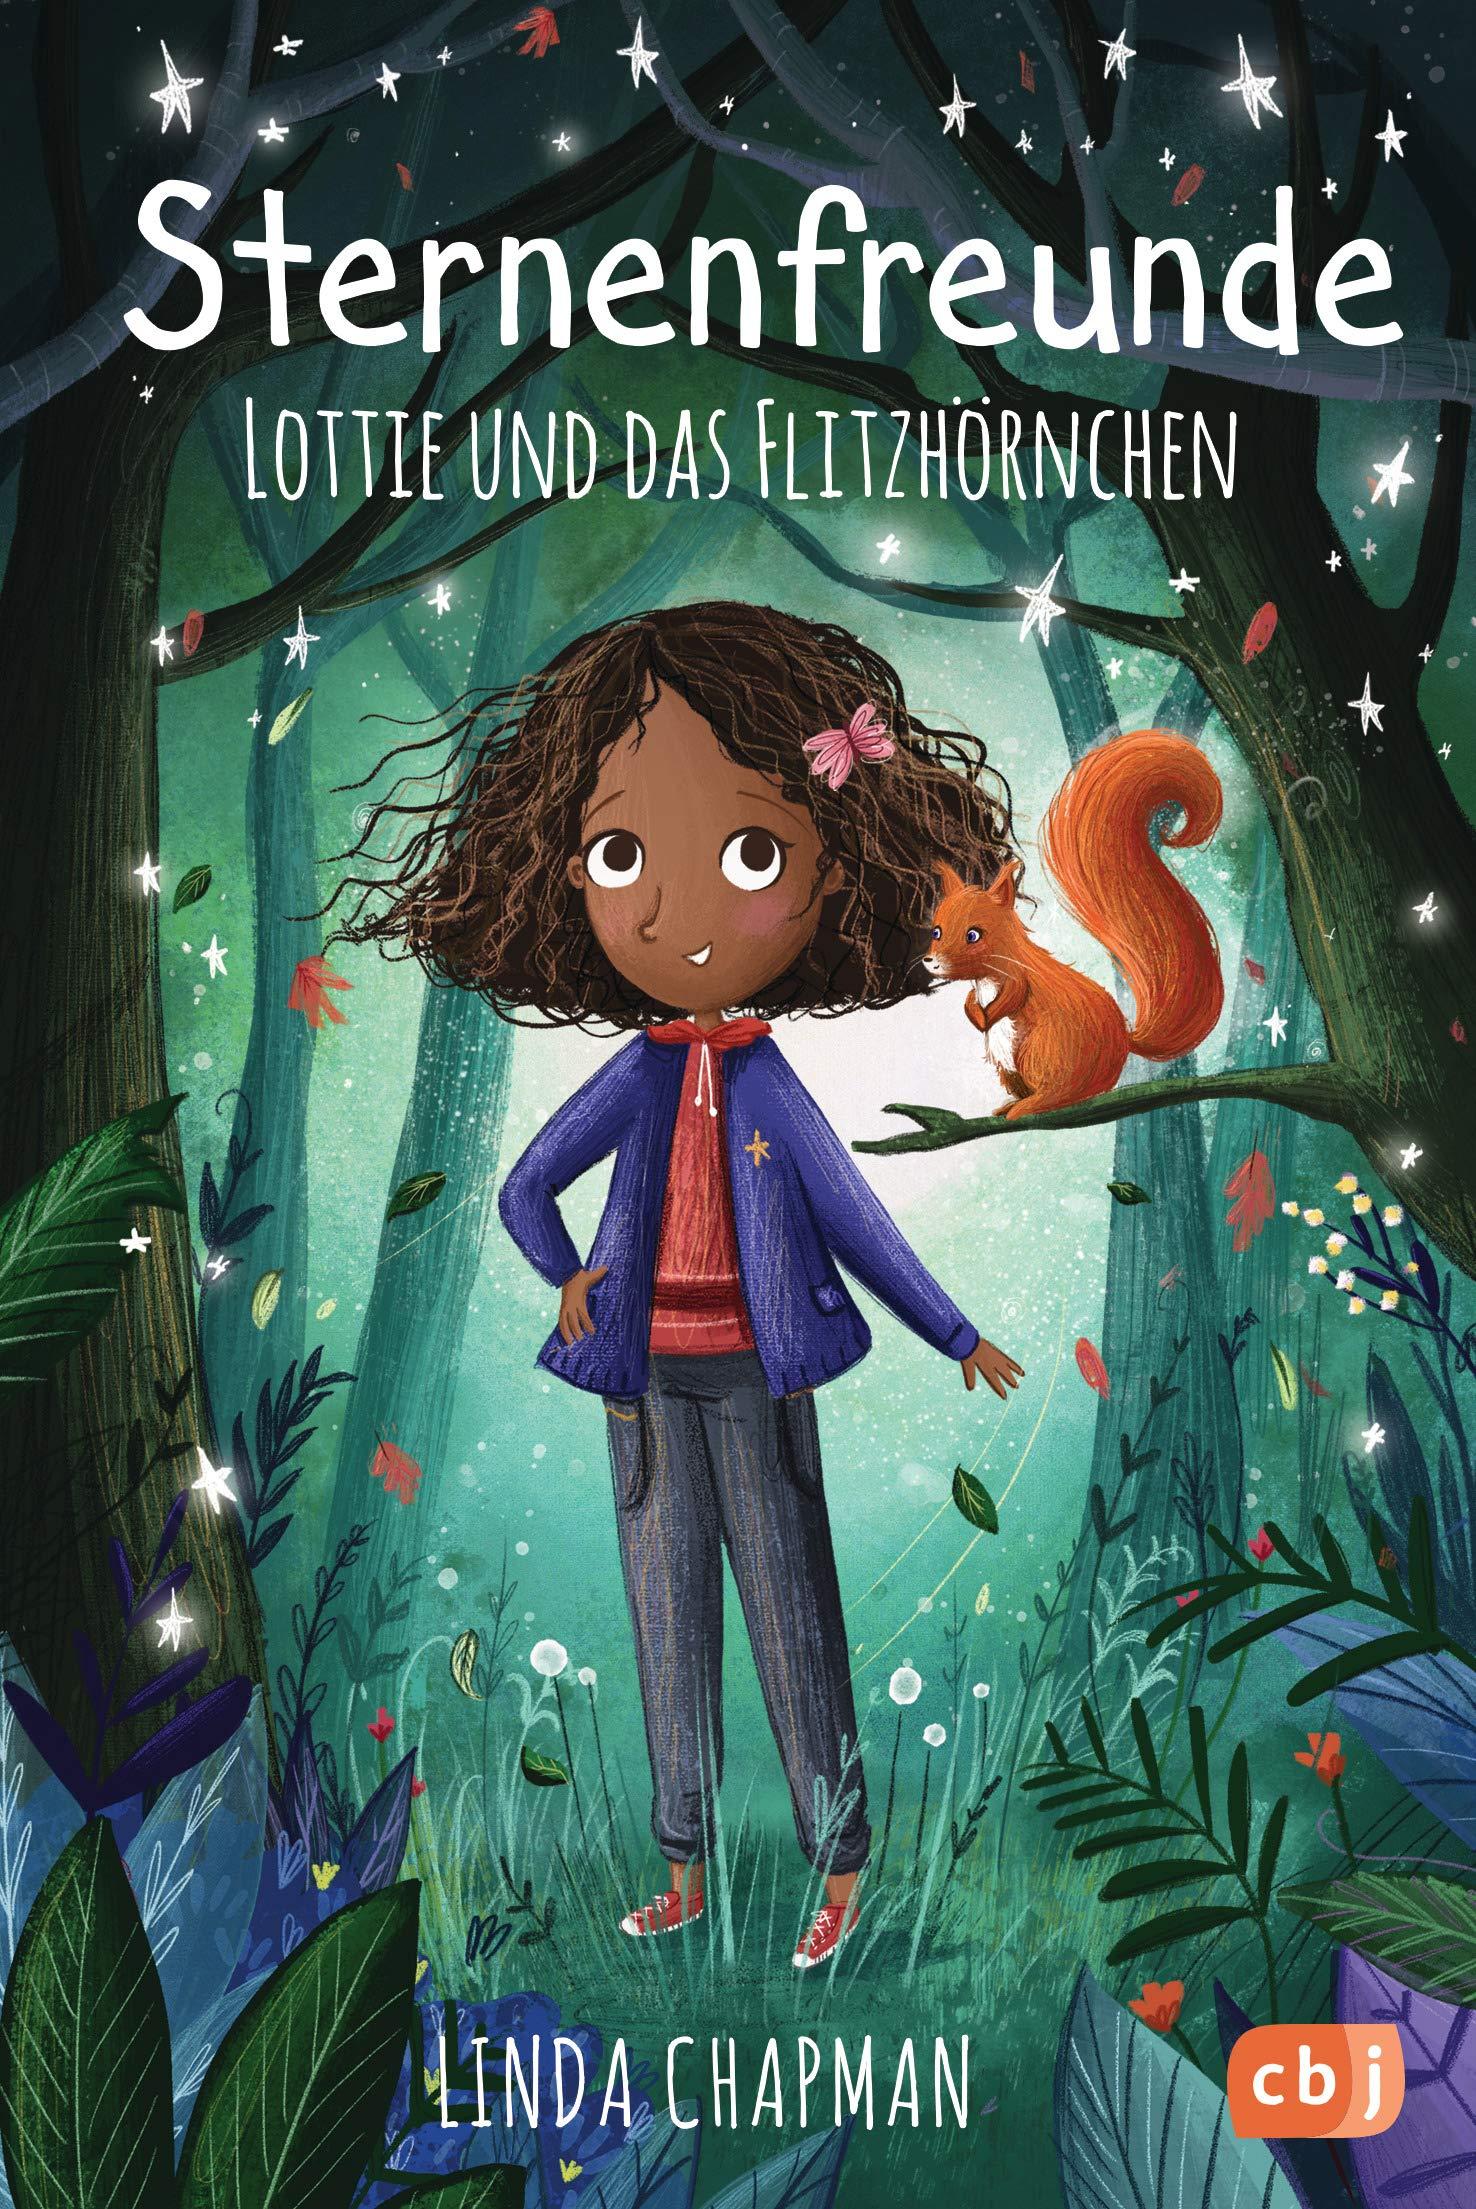 Sternenfreunde   Lottie Und Das Flitzhörnchen  Die Sternenfreunde Reihe Band 3